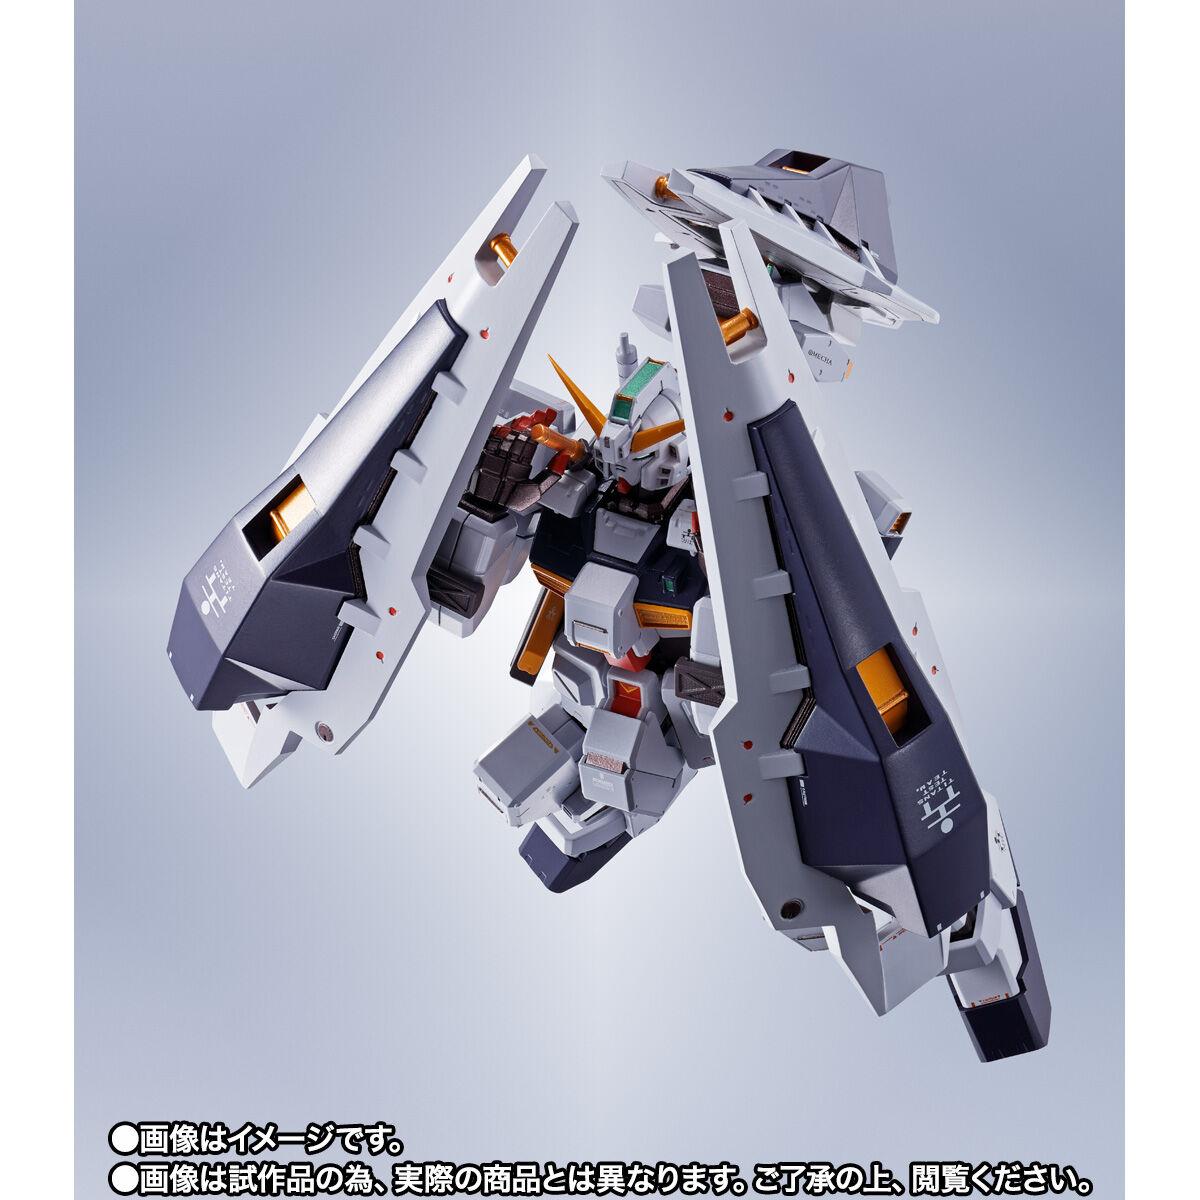 【限定販売】METAL ROBOT魂〈SIDE MS〉『ガンダムTR-1[ヘイズル改]&オプションパーツセット』ADVANCE OF Ζ ティターンズの旗のもとに 可動フィギュア-008